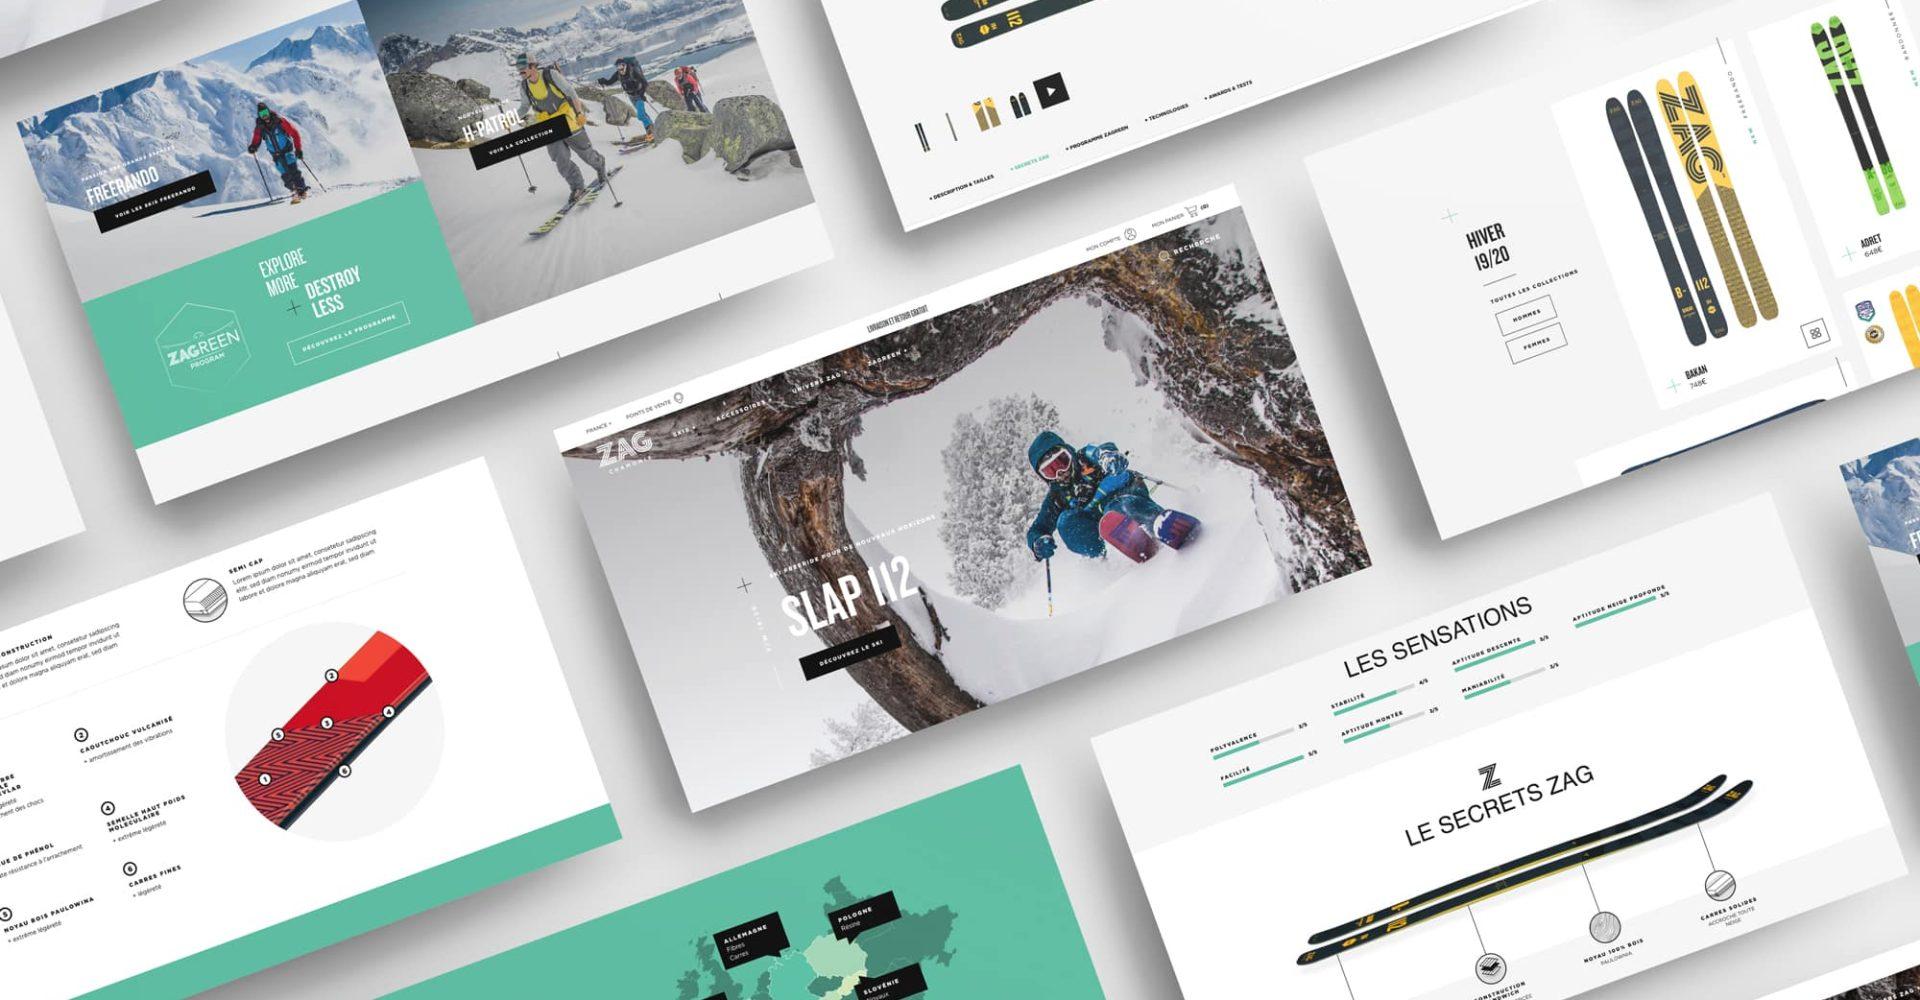 Mosaïque de visuels tirés du site Zag Skis